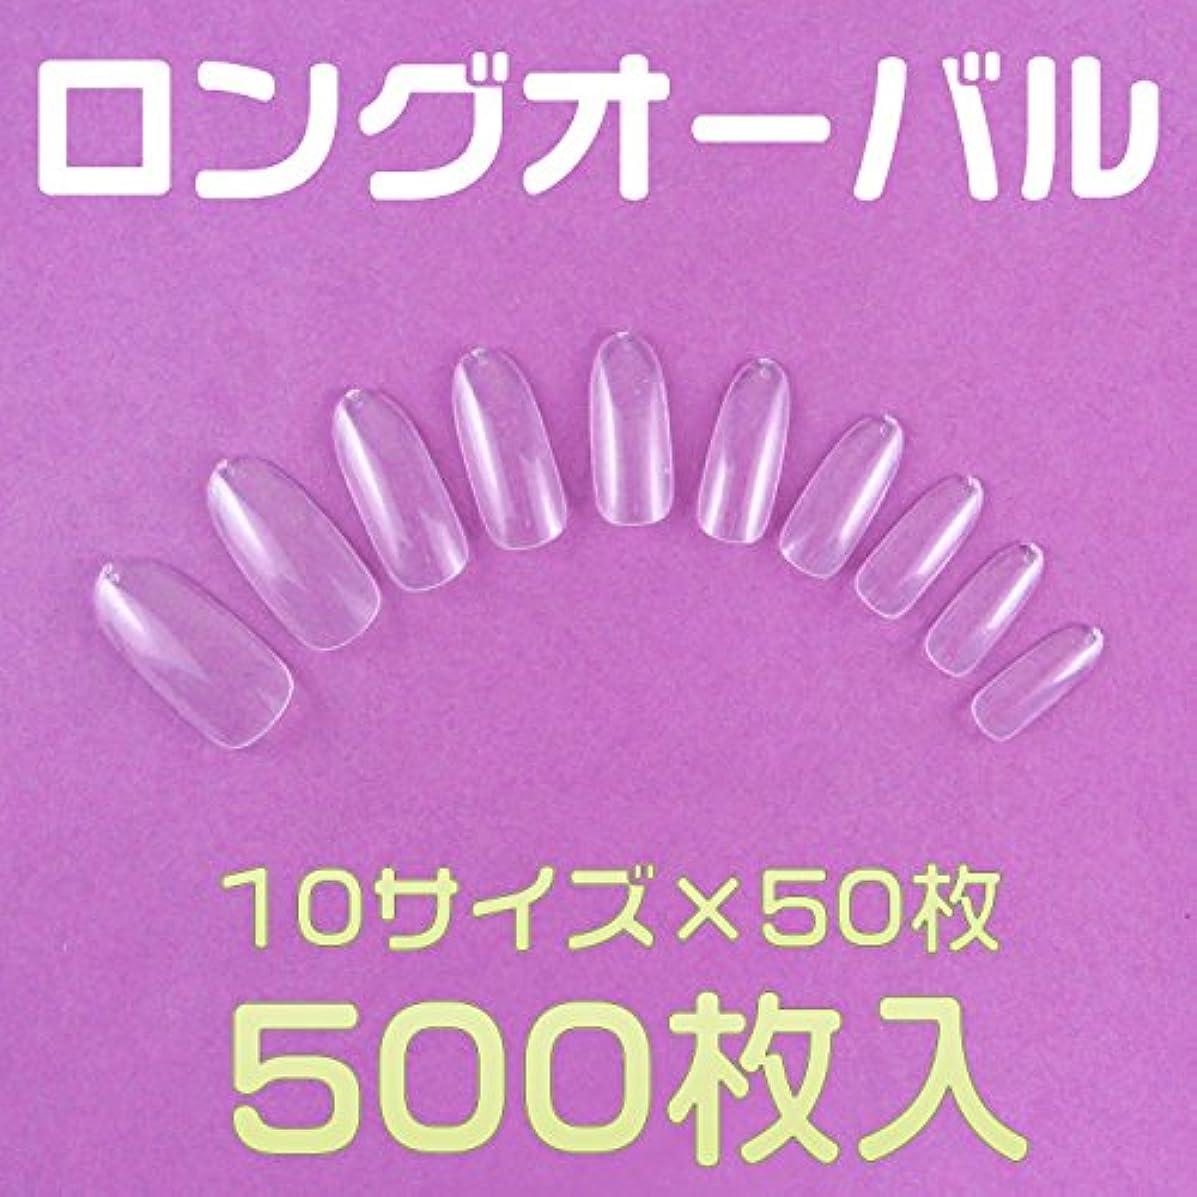 顕微鏡議会会議ネイルチップ 無地 クリア ロングオーバル500枚 [#3]フルカバー プレーンチップ オーダー用通販